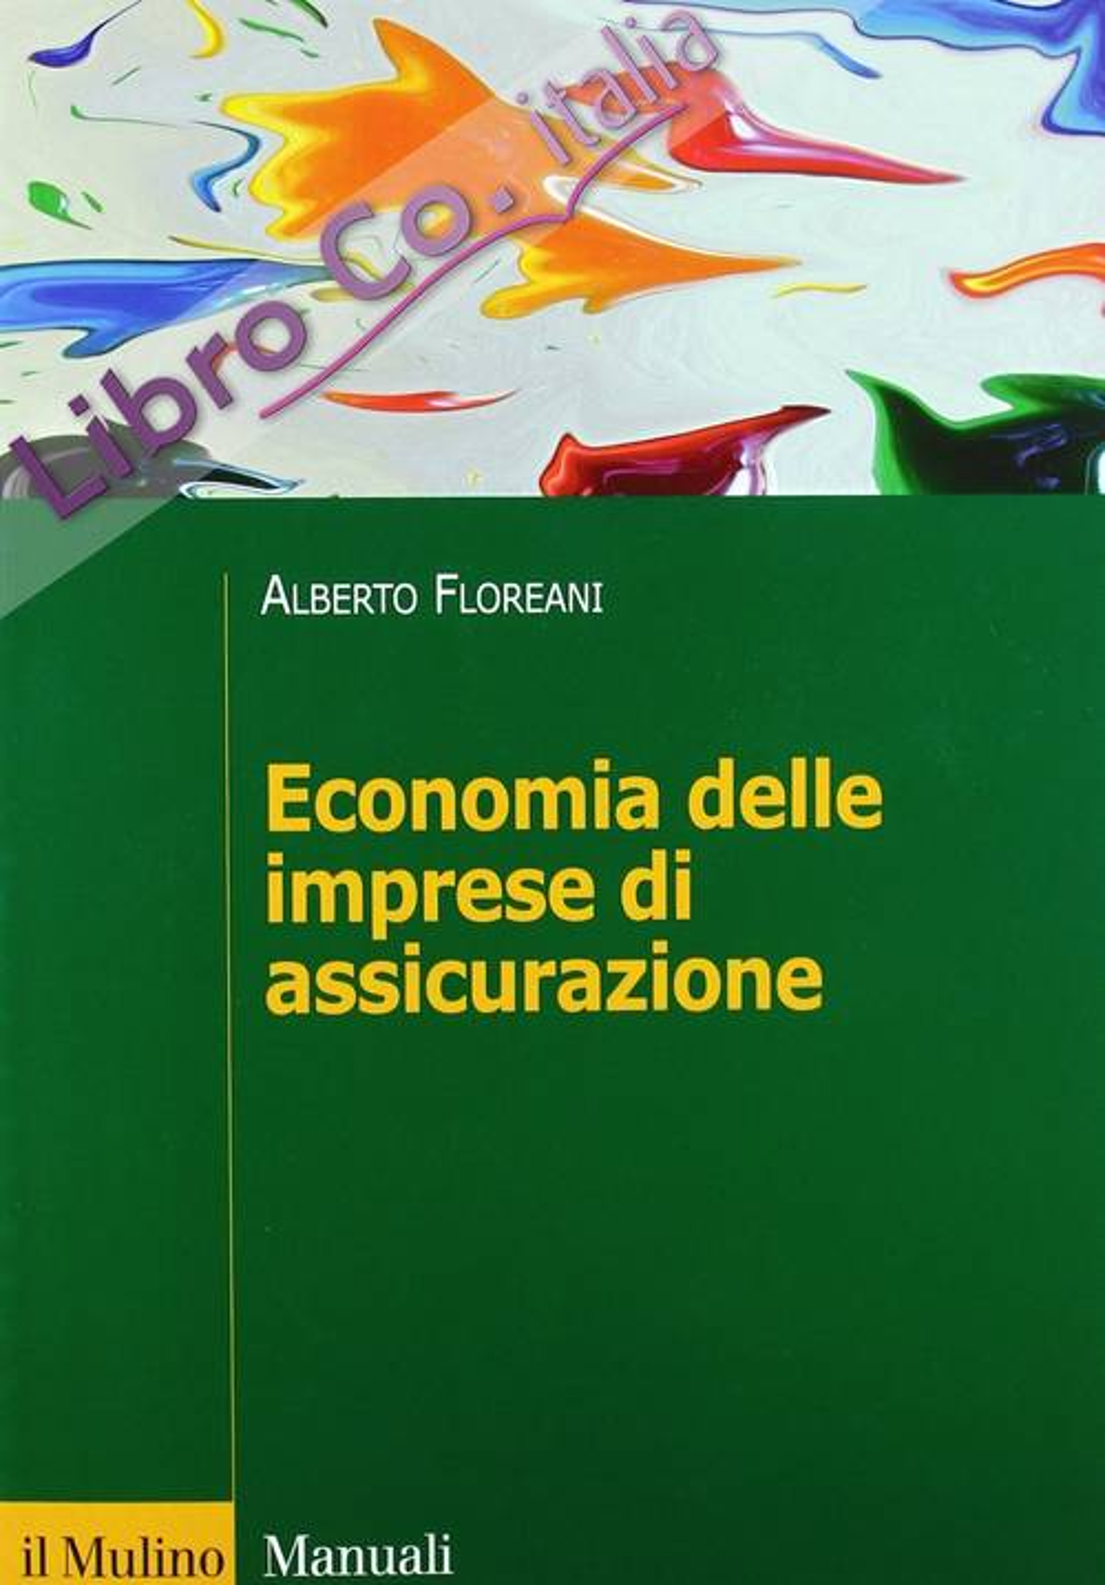 Economia delle imprese di assicurazione.